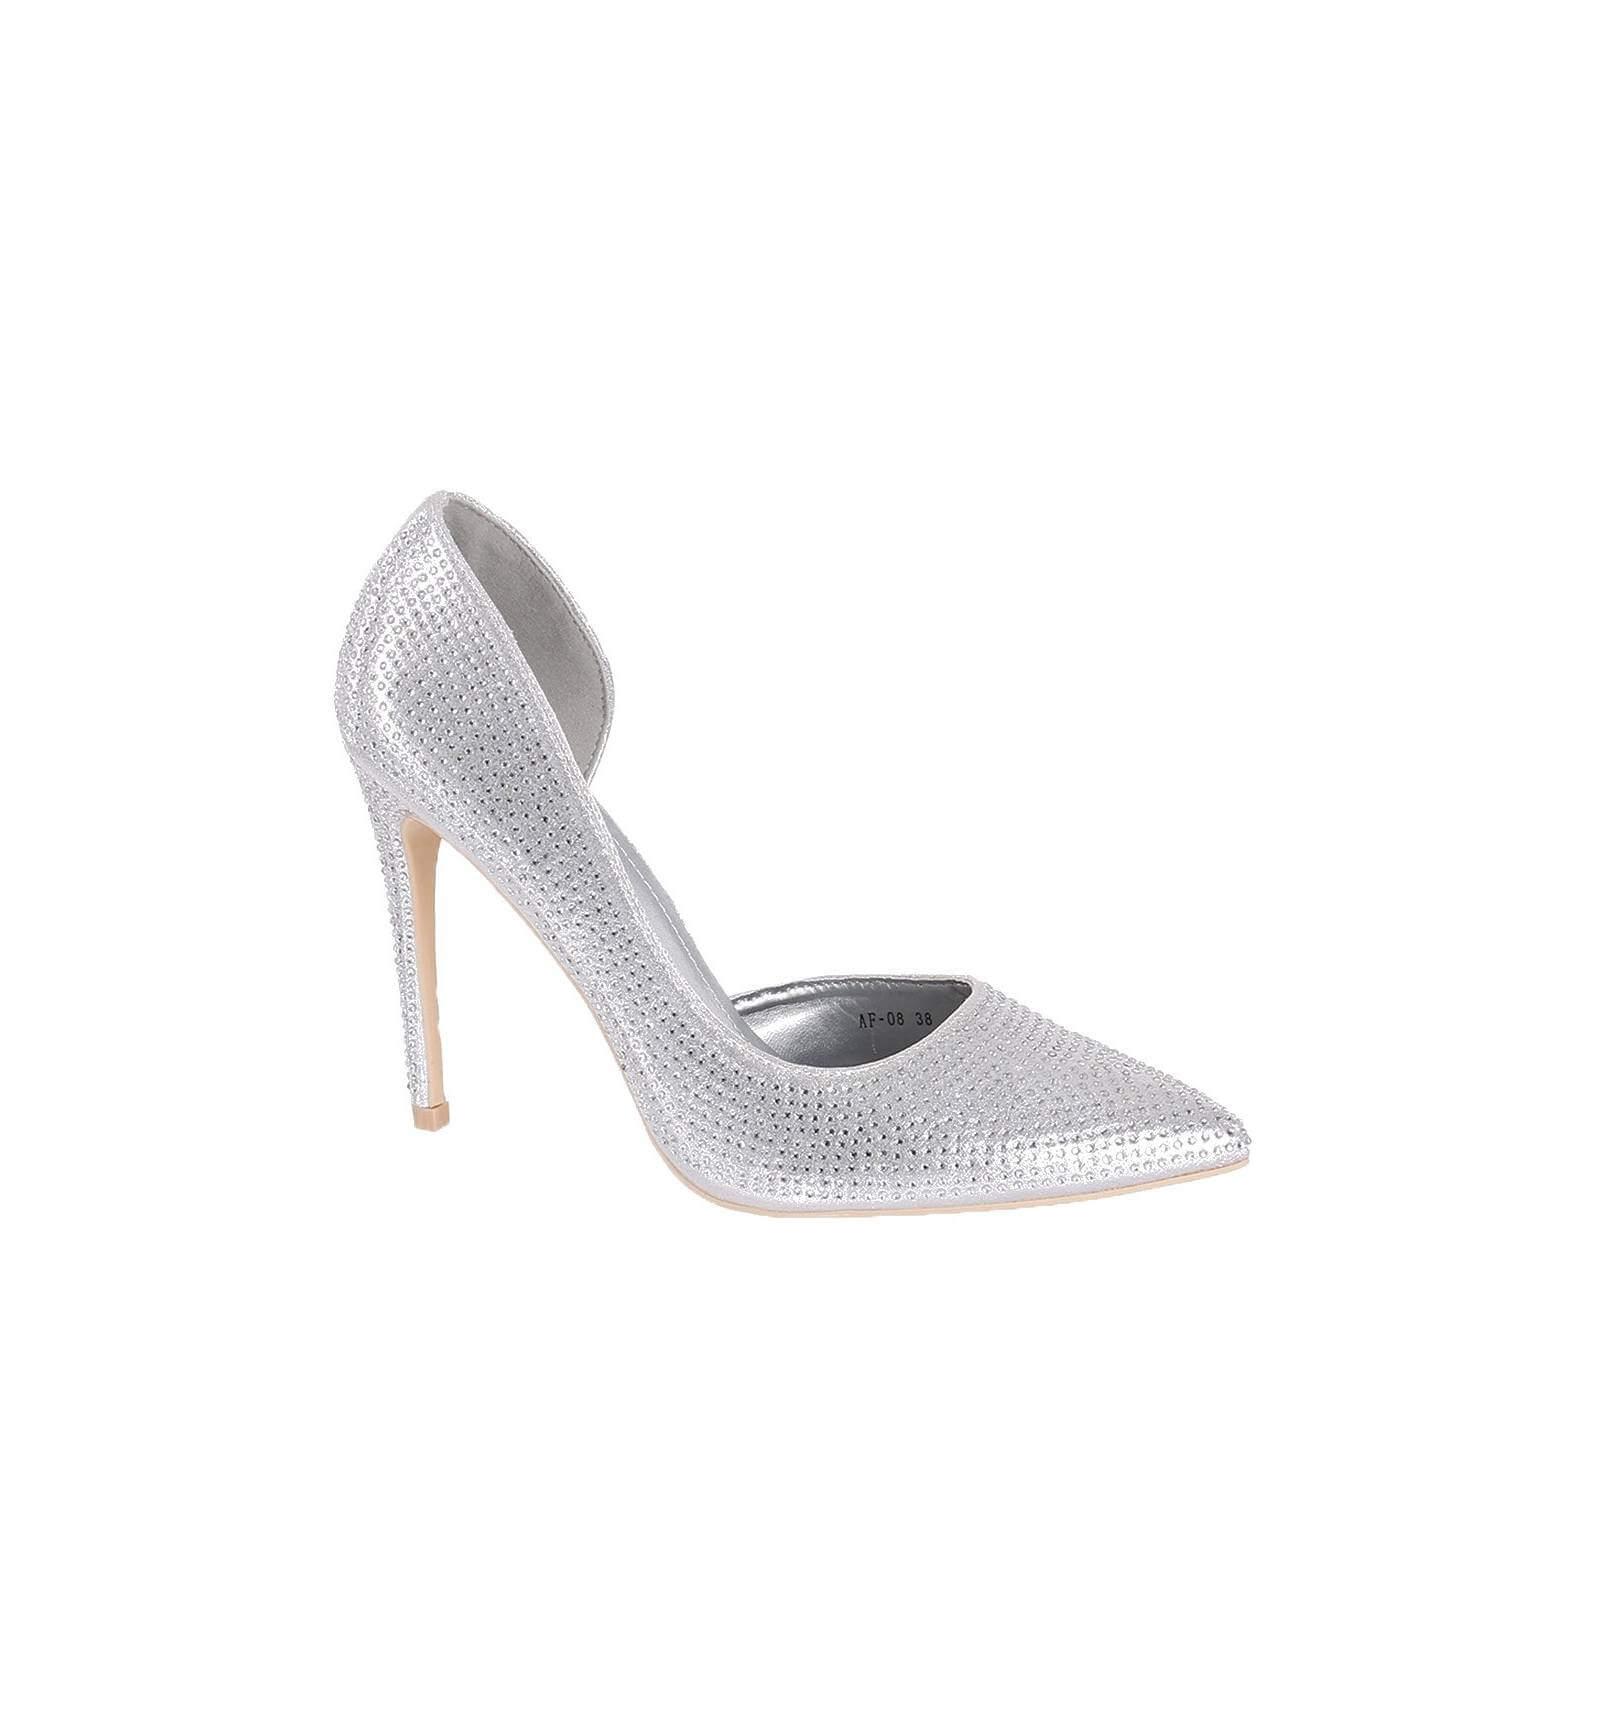 Chaussures de soirée bleues Fashion femme OJhzQt